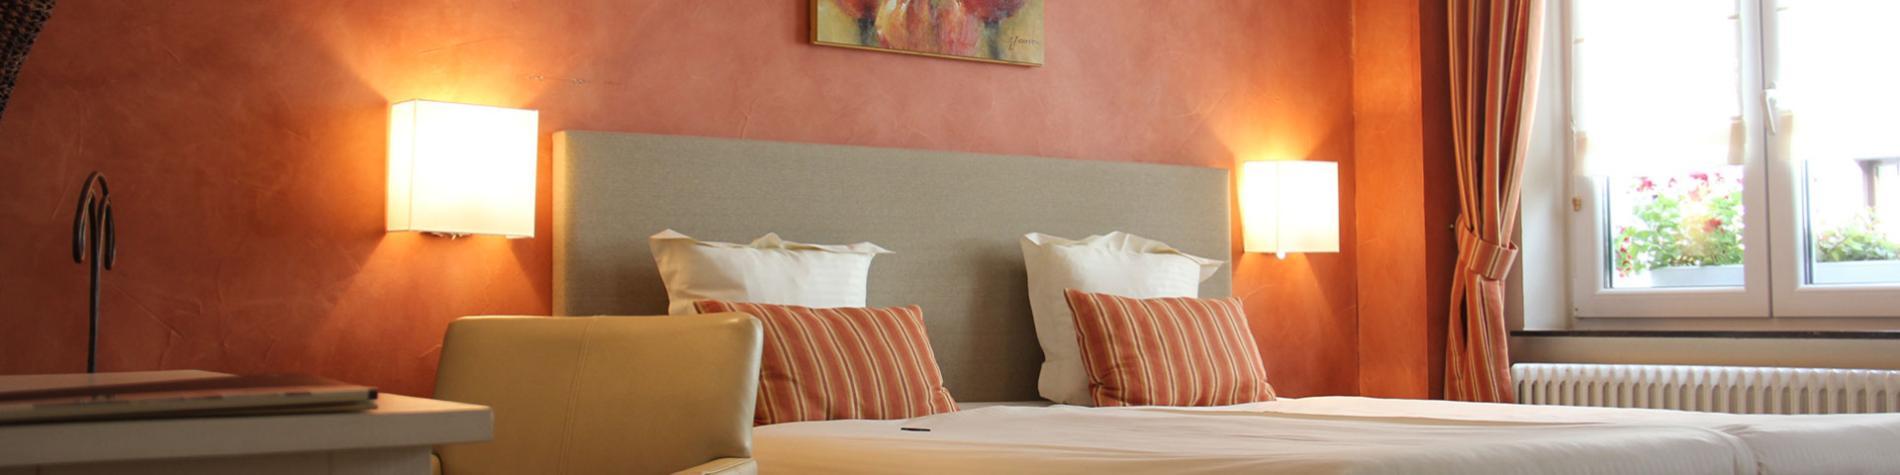 Hotel - Zur Post - Saint Vith